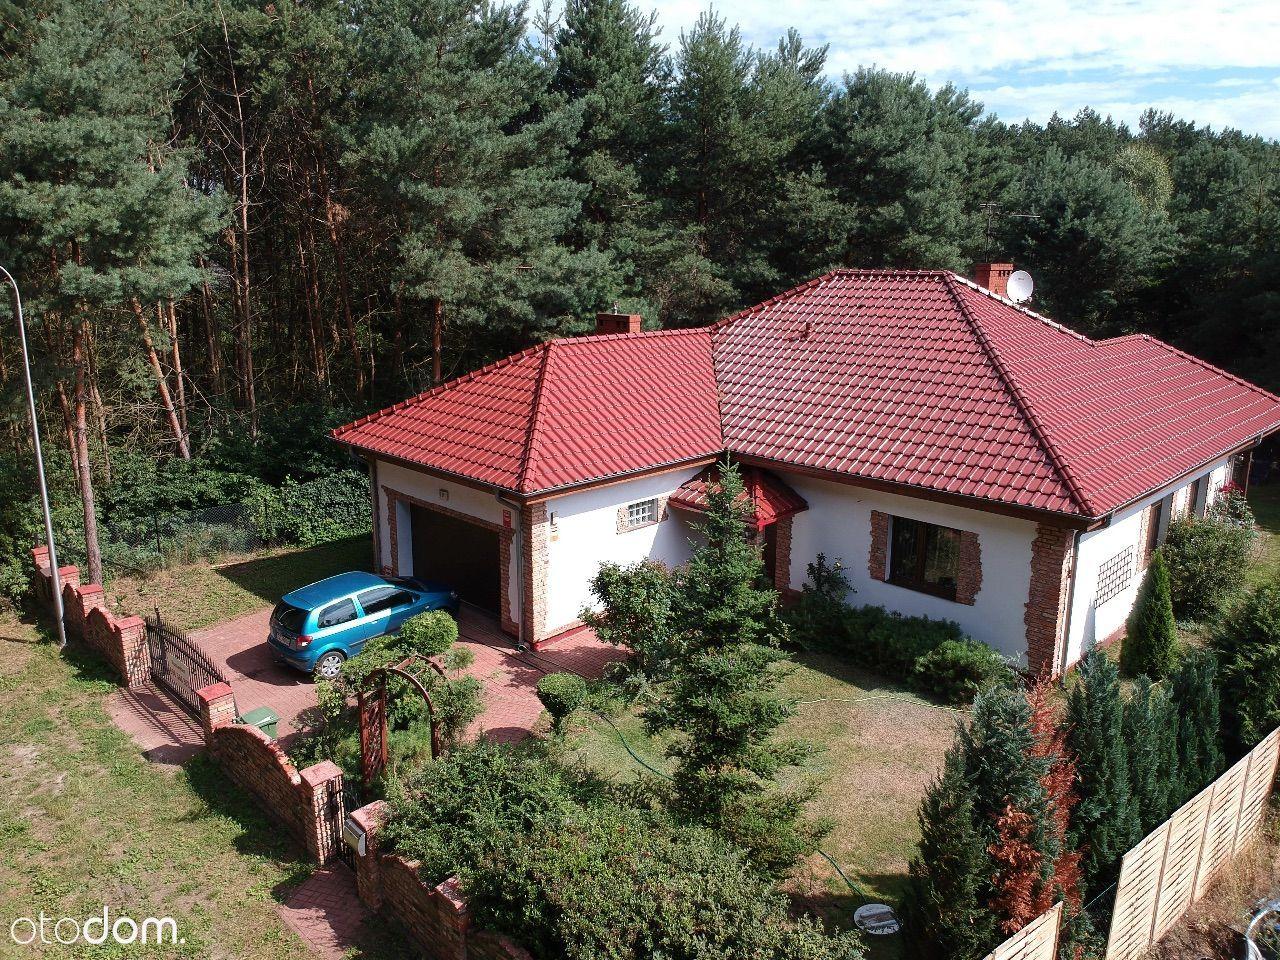 Dom na sprzedaż, Drwęsa, poznański, wielkopolskie - Foto 1